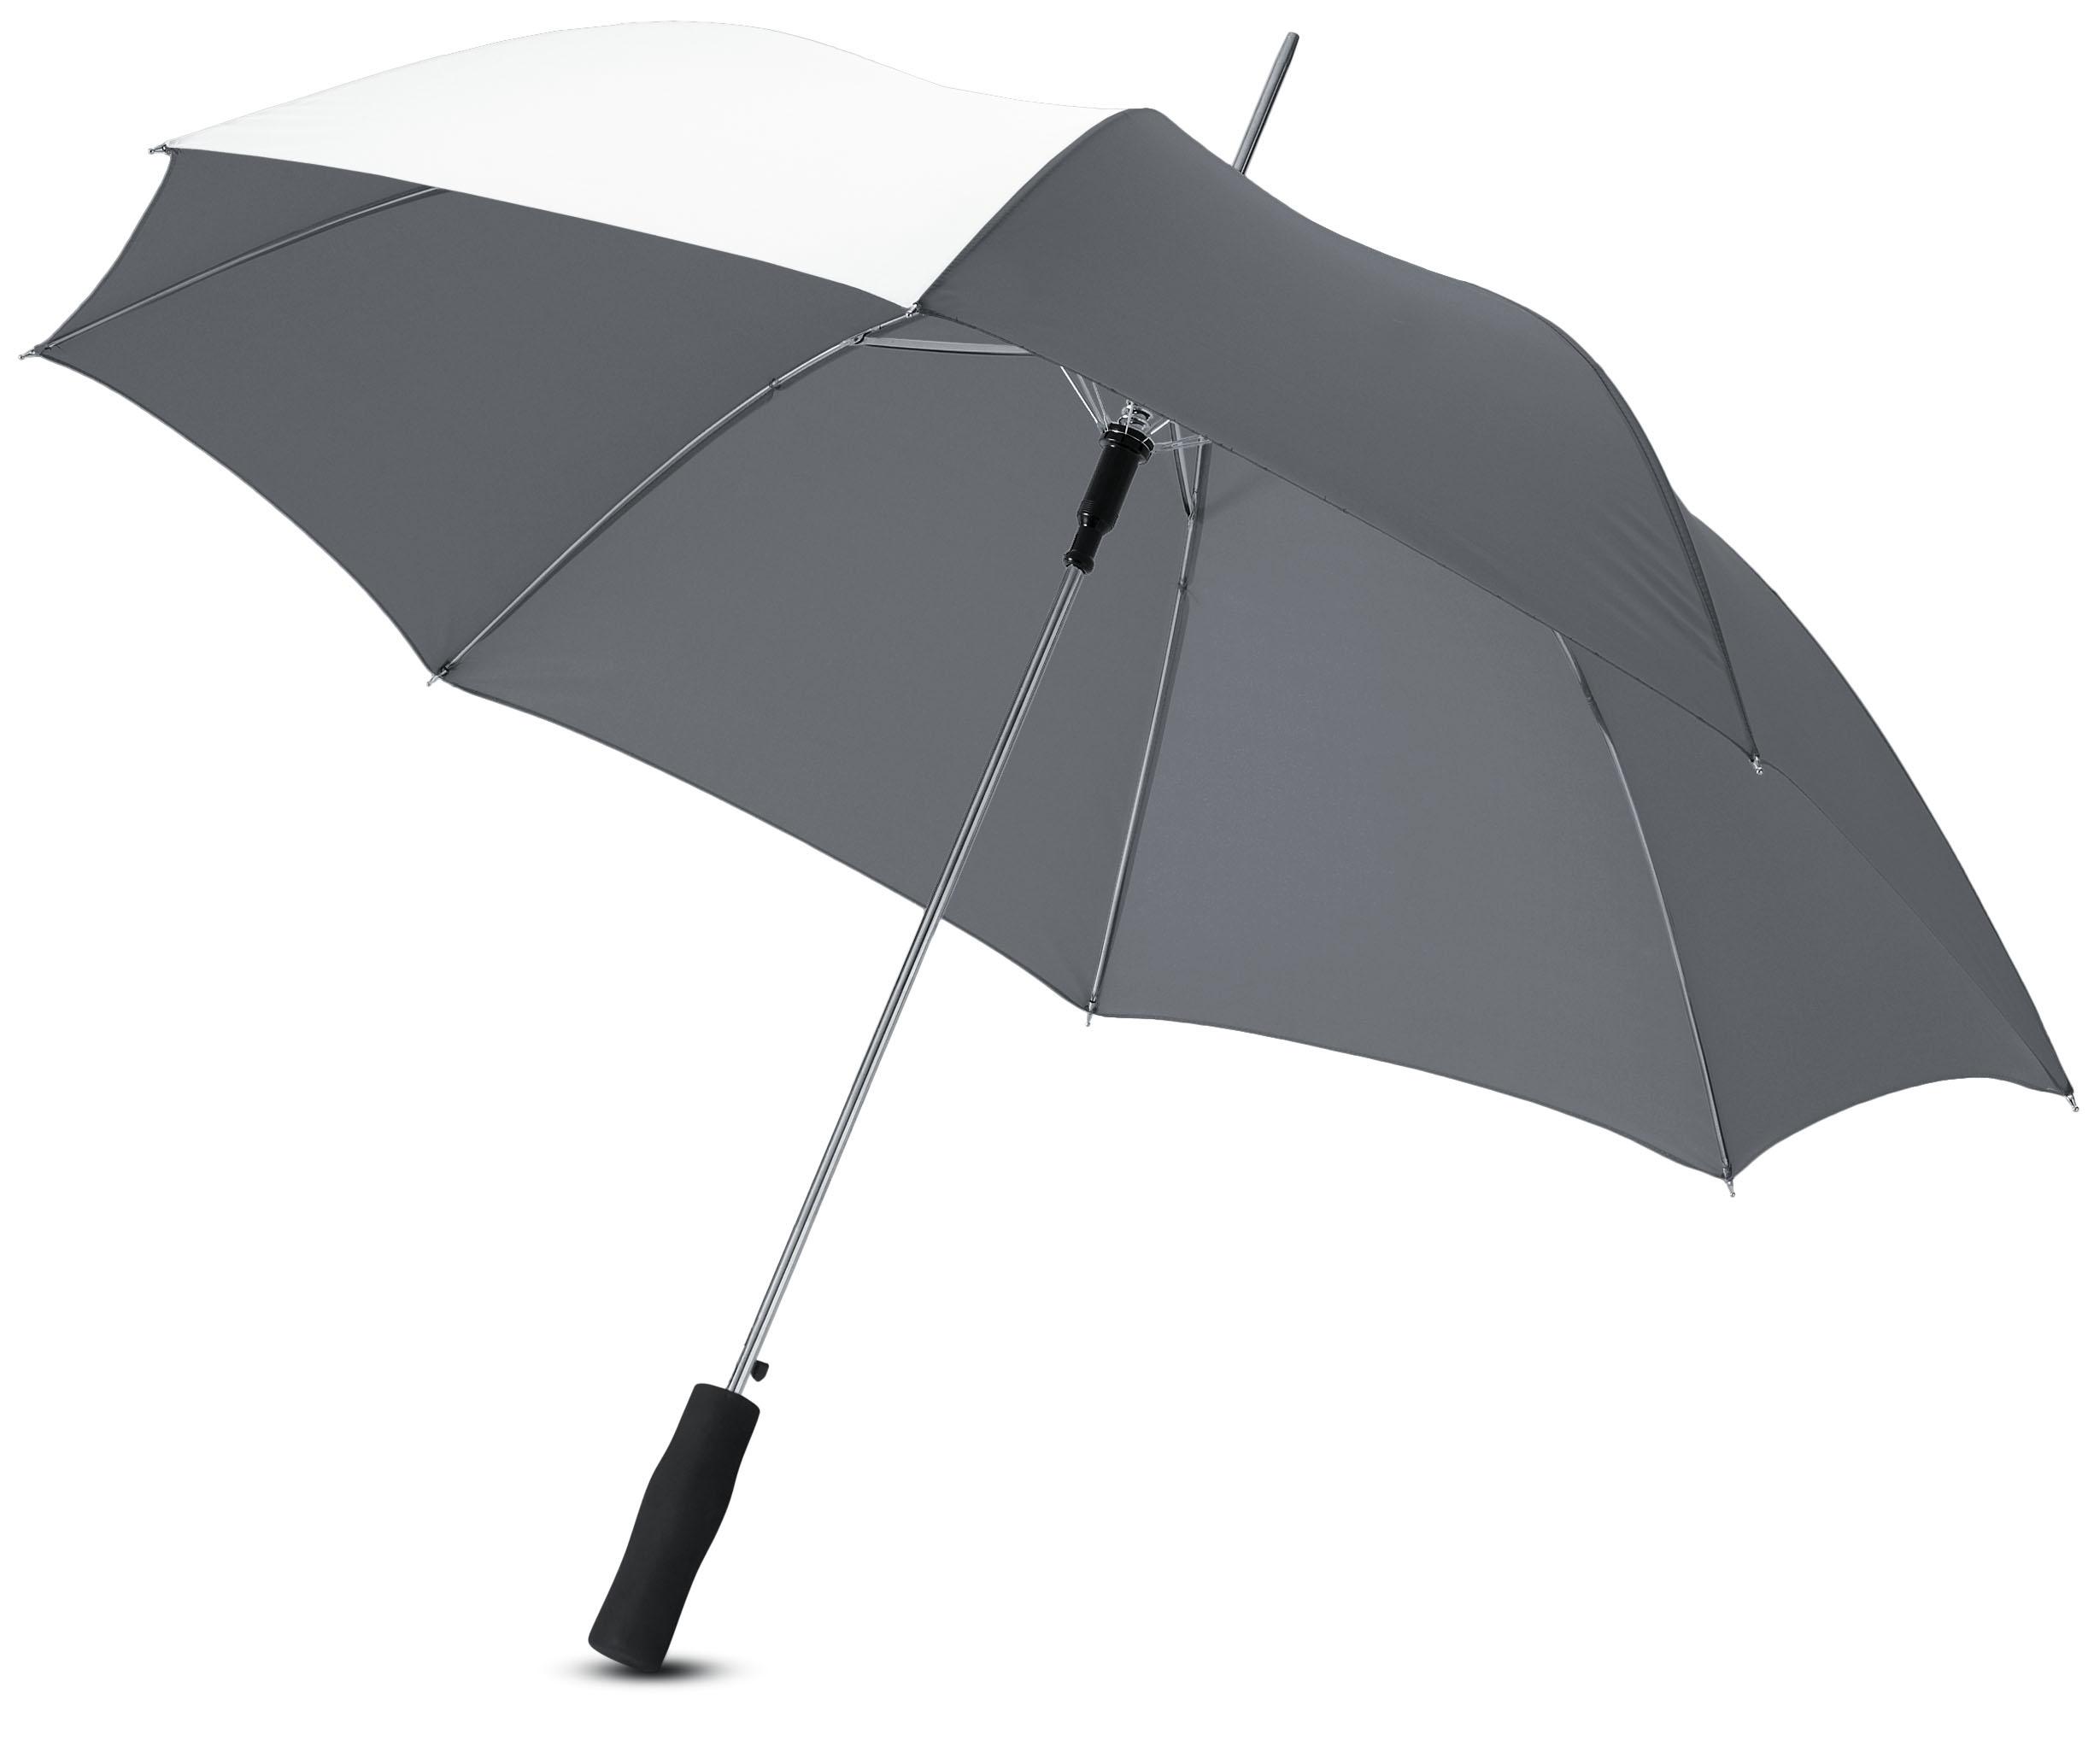 23'' Tonya automatic open umbrella